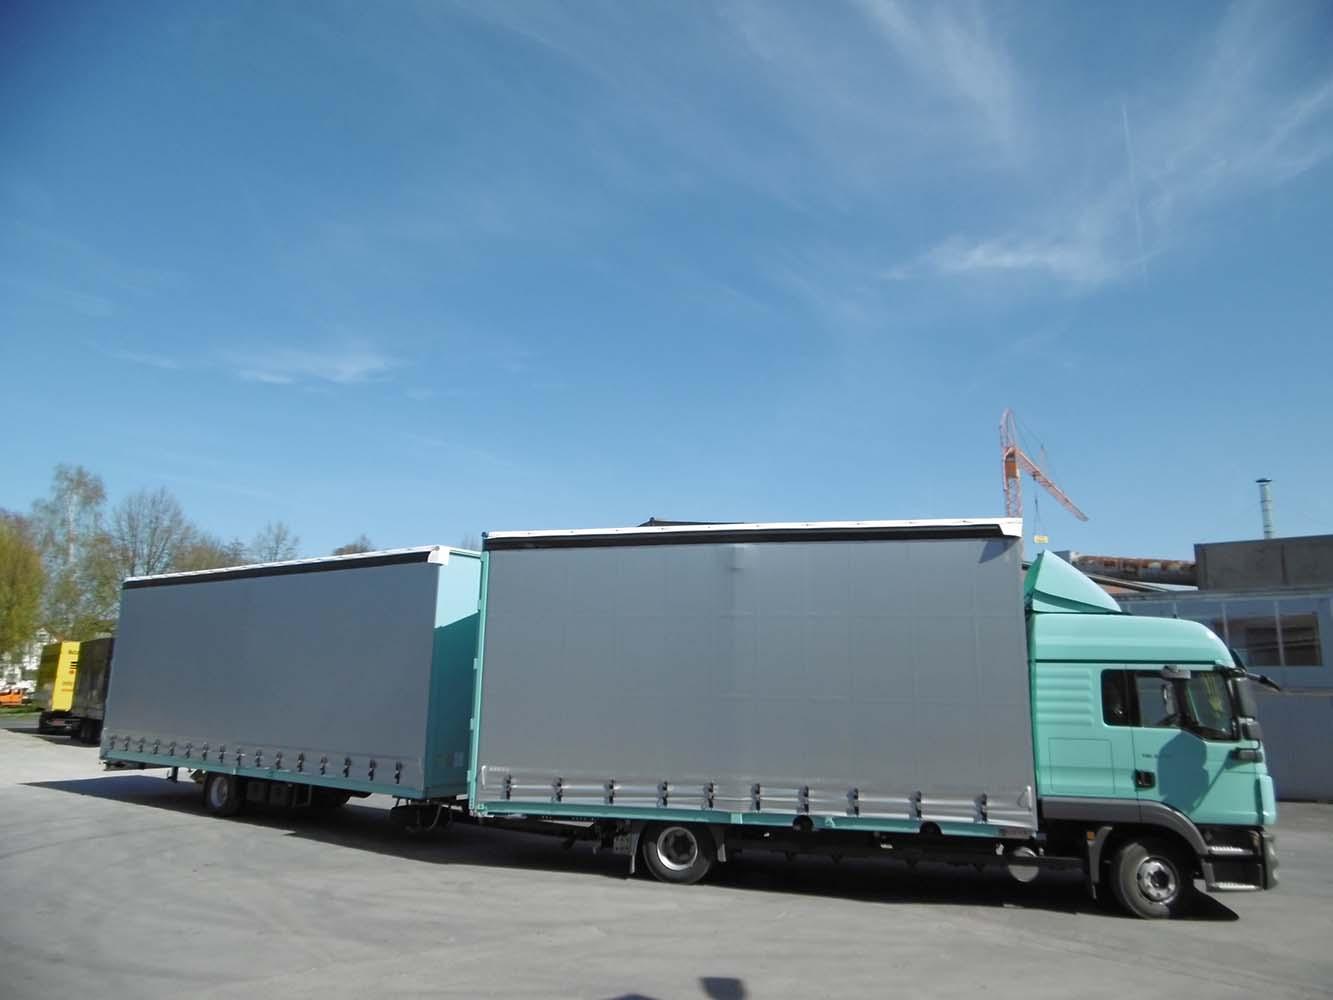 Volumen Gliederzug mit Schiebespannplanenaufbau zum Transport von Dämmmaterial (3)